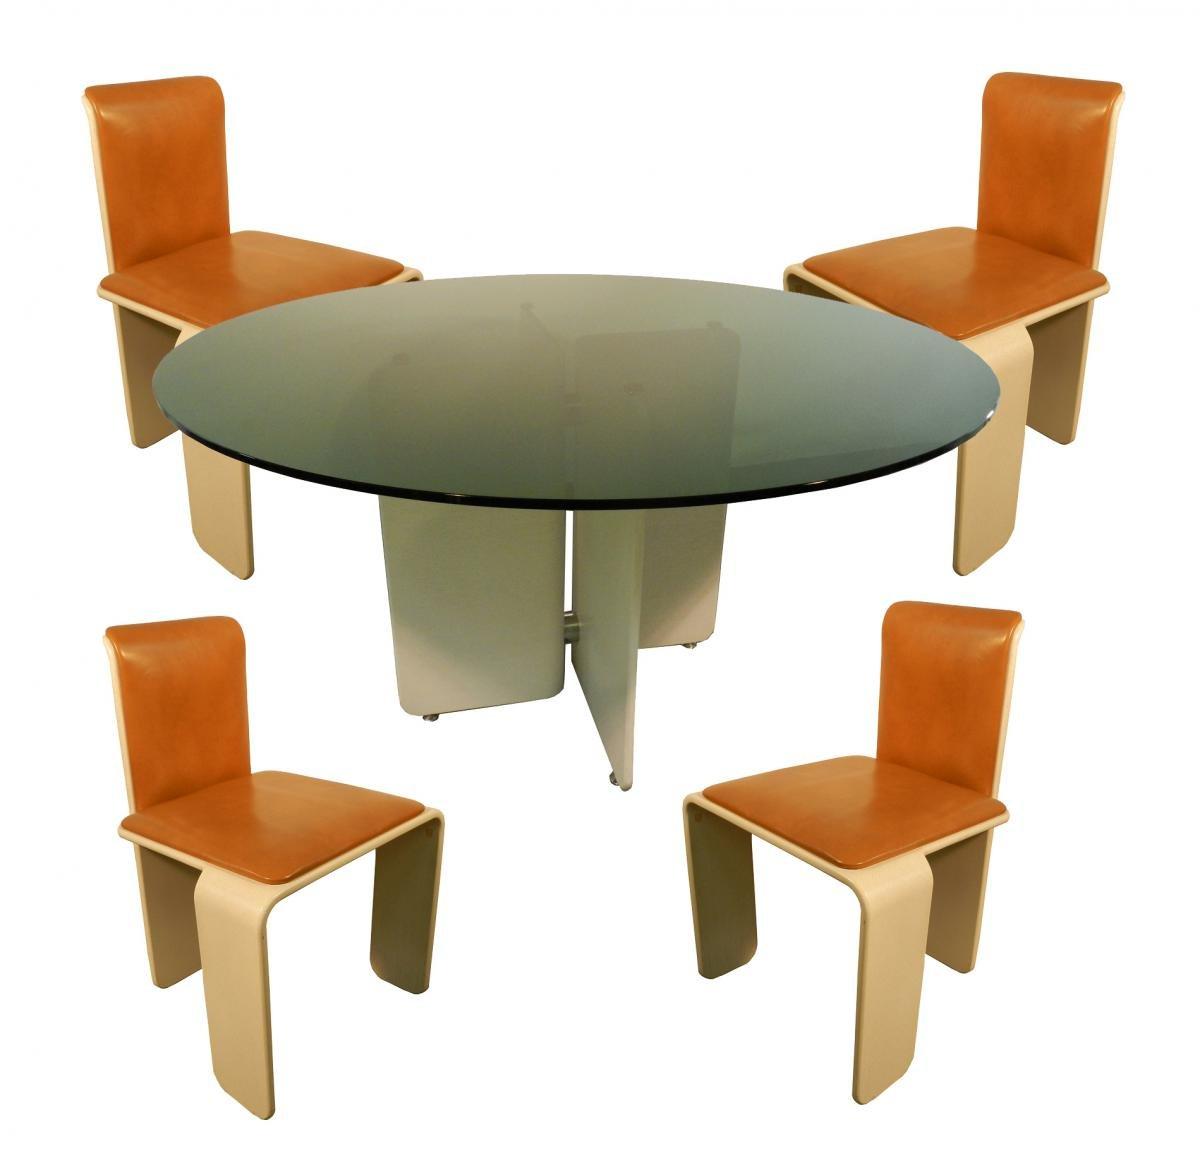 Französische Holz & Metall Esszimmergarnitur, 5er Set